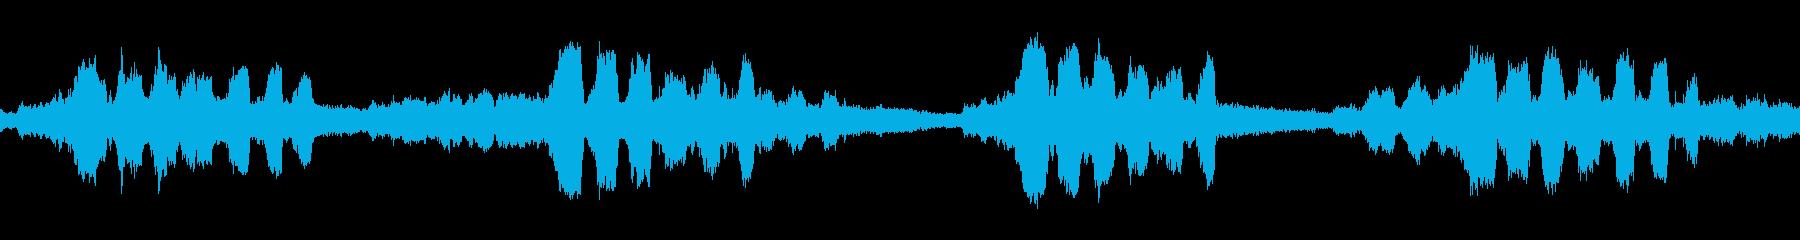 ミンミンゼミの鳴き声(ループ)の再生済みの波形